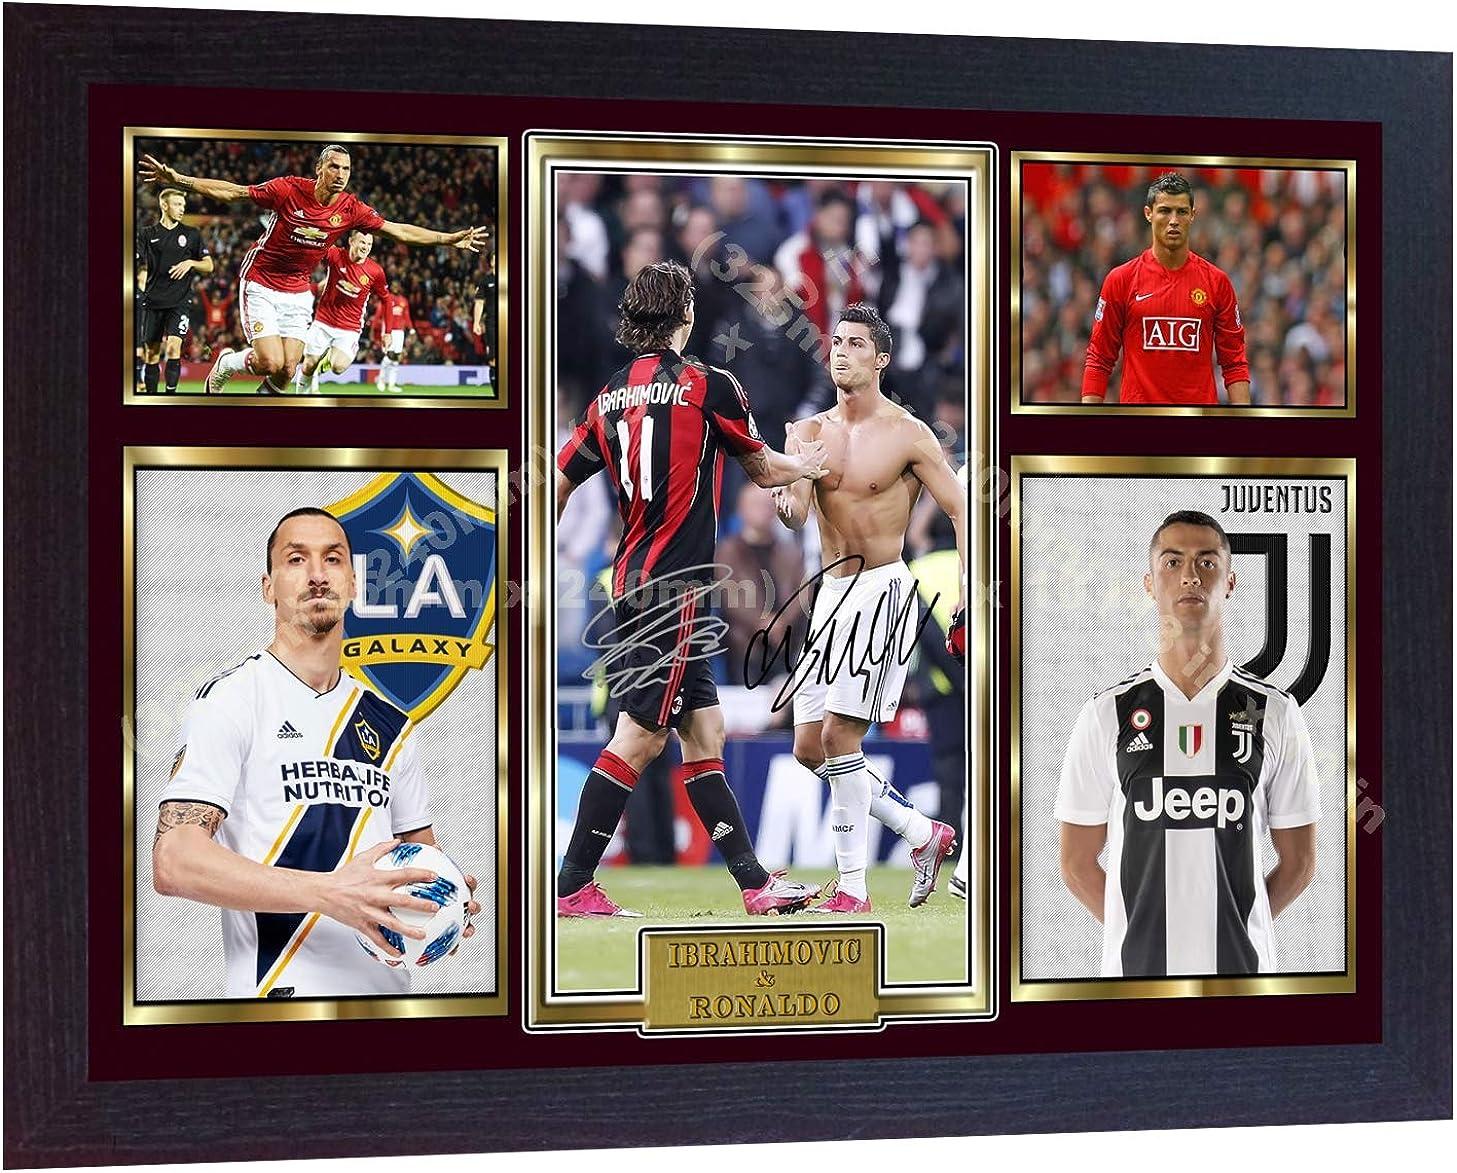 Amazon Com S E Desing Cristiano Ronaldo Juventus Zlatan Ibrahimovic Signed Photo Autographed Framed Clothing